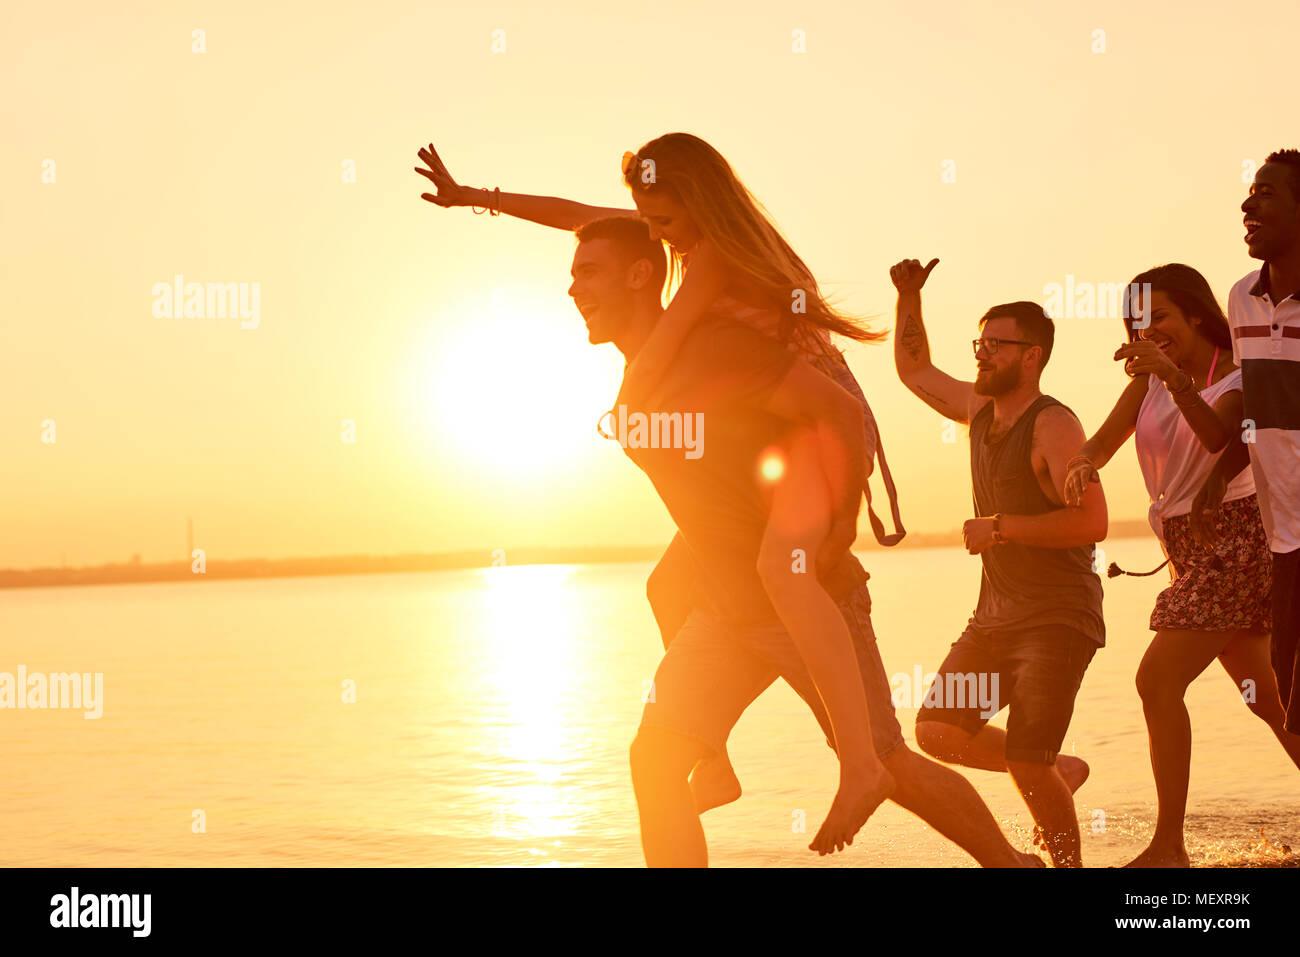 Urkomisch Freunde auf Wasser im Licht des Sonnenuntergangs Stockbild